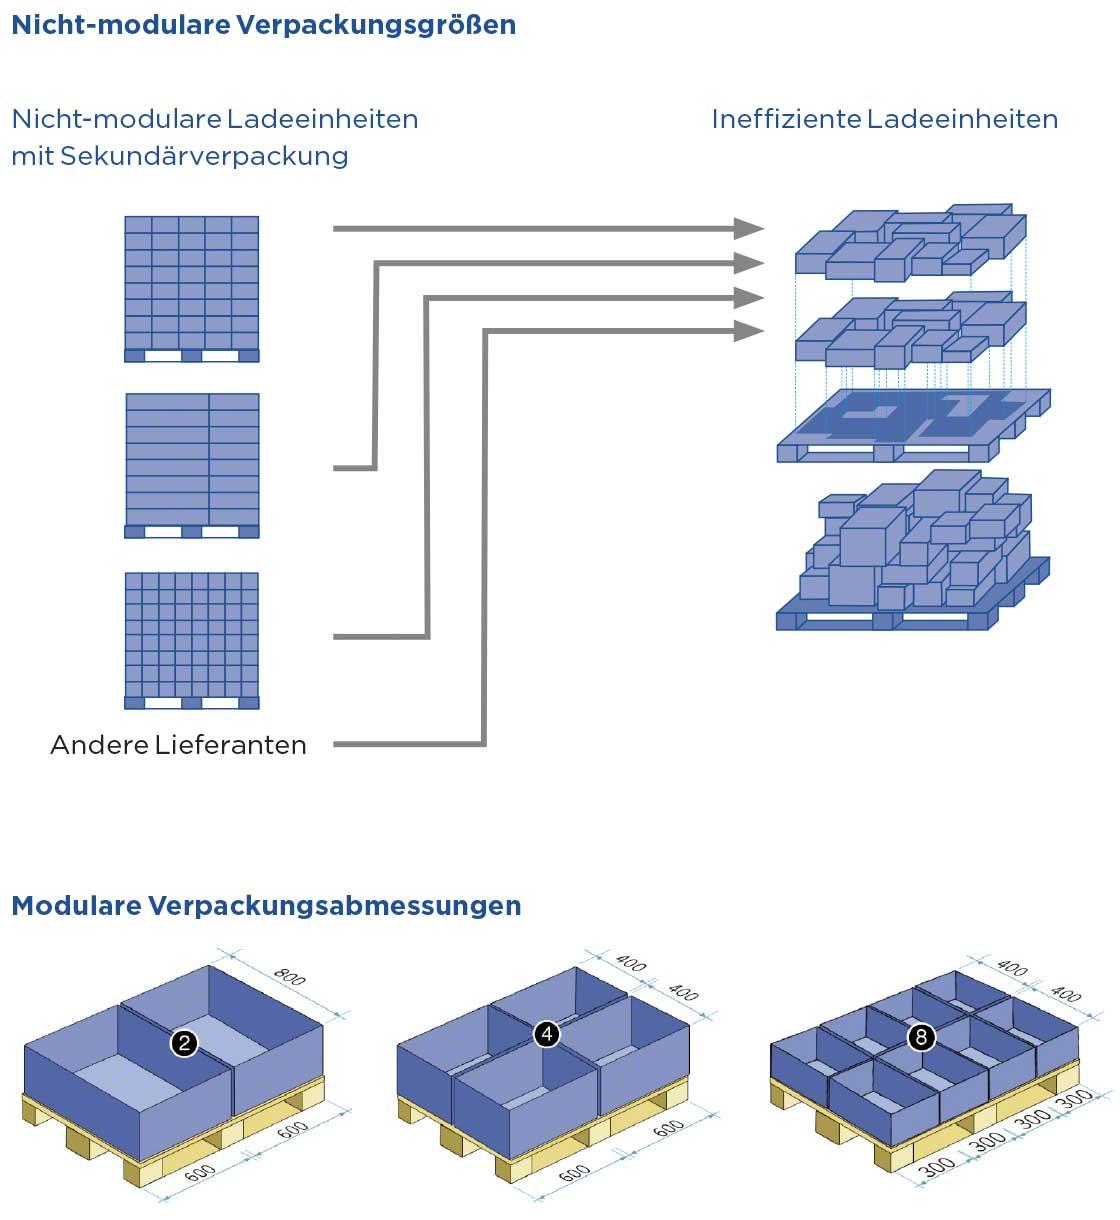 Beispiele für effiziente und ineffiziente Ladeeinheiten.